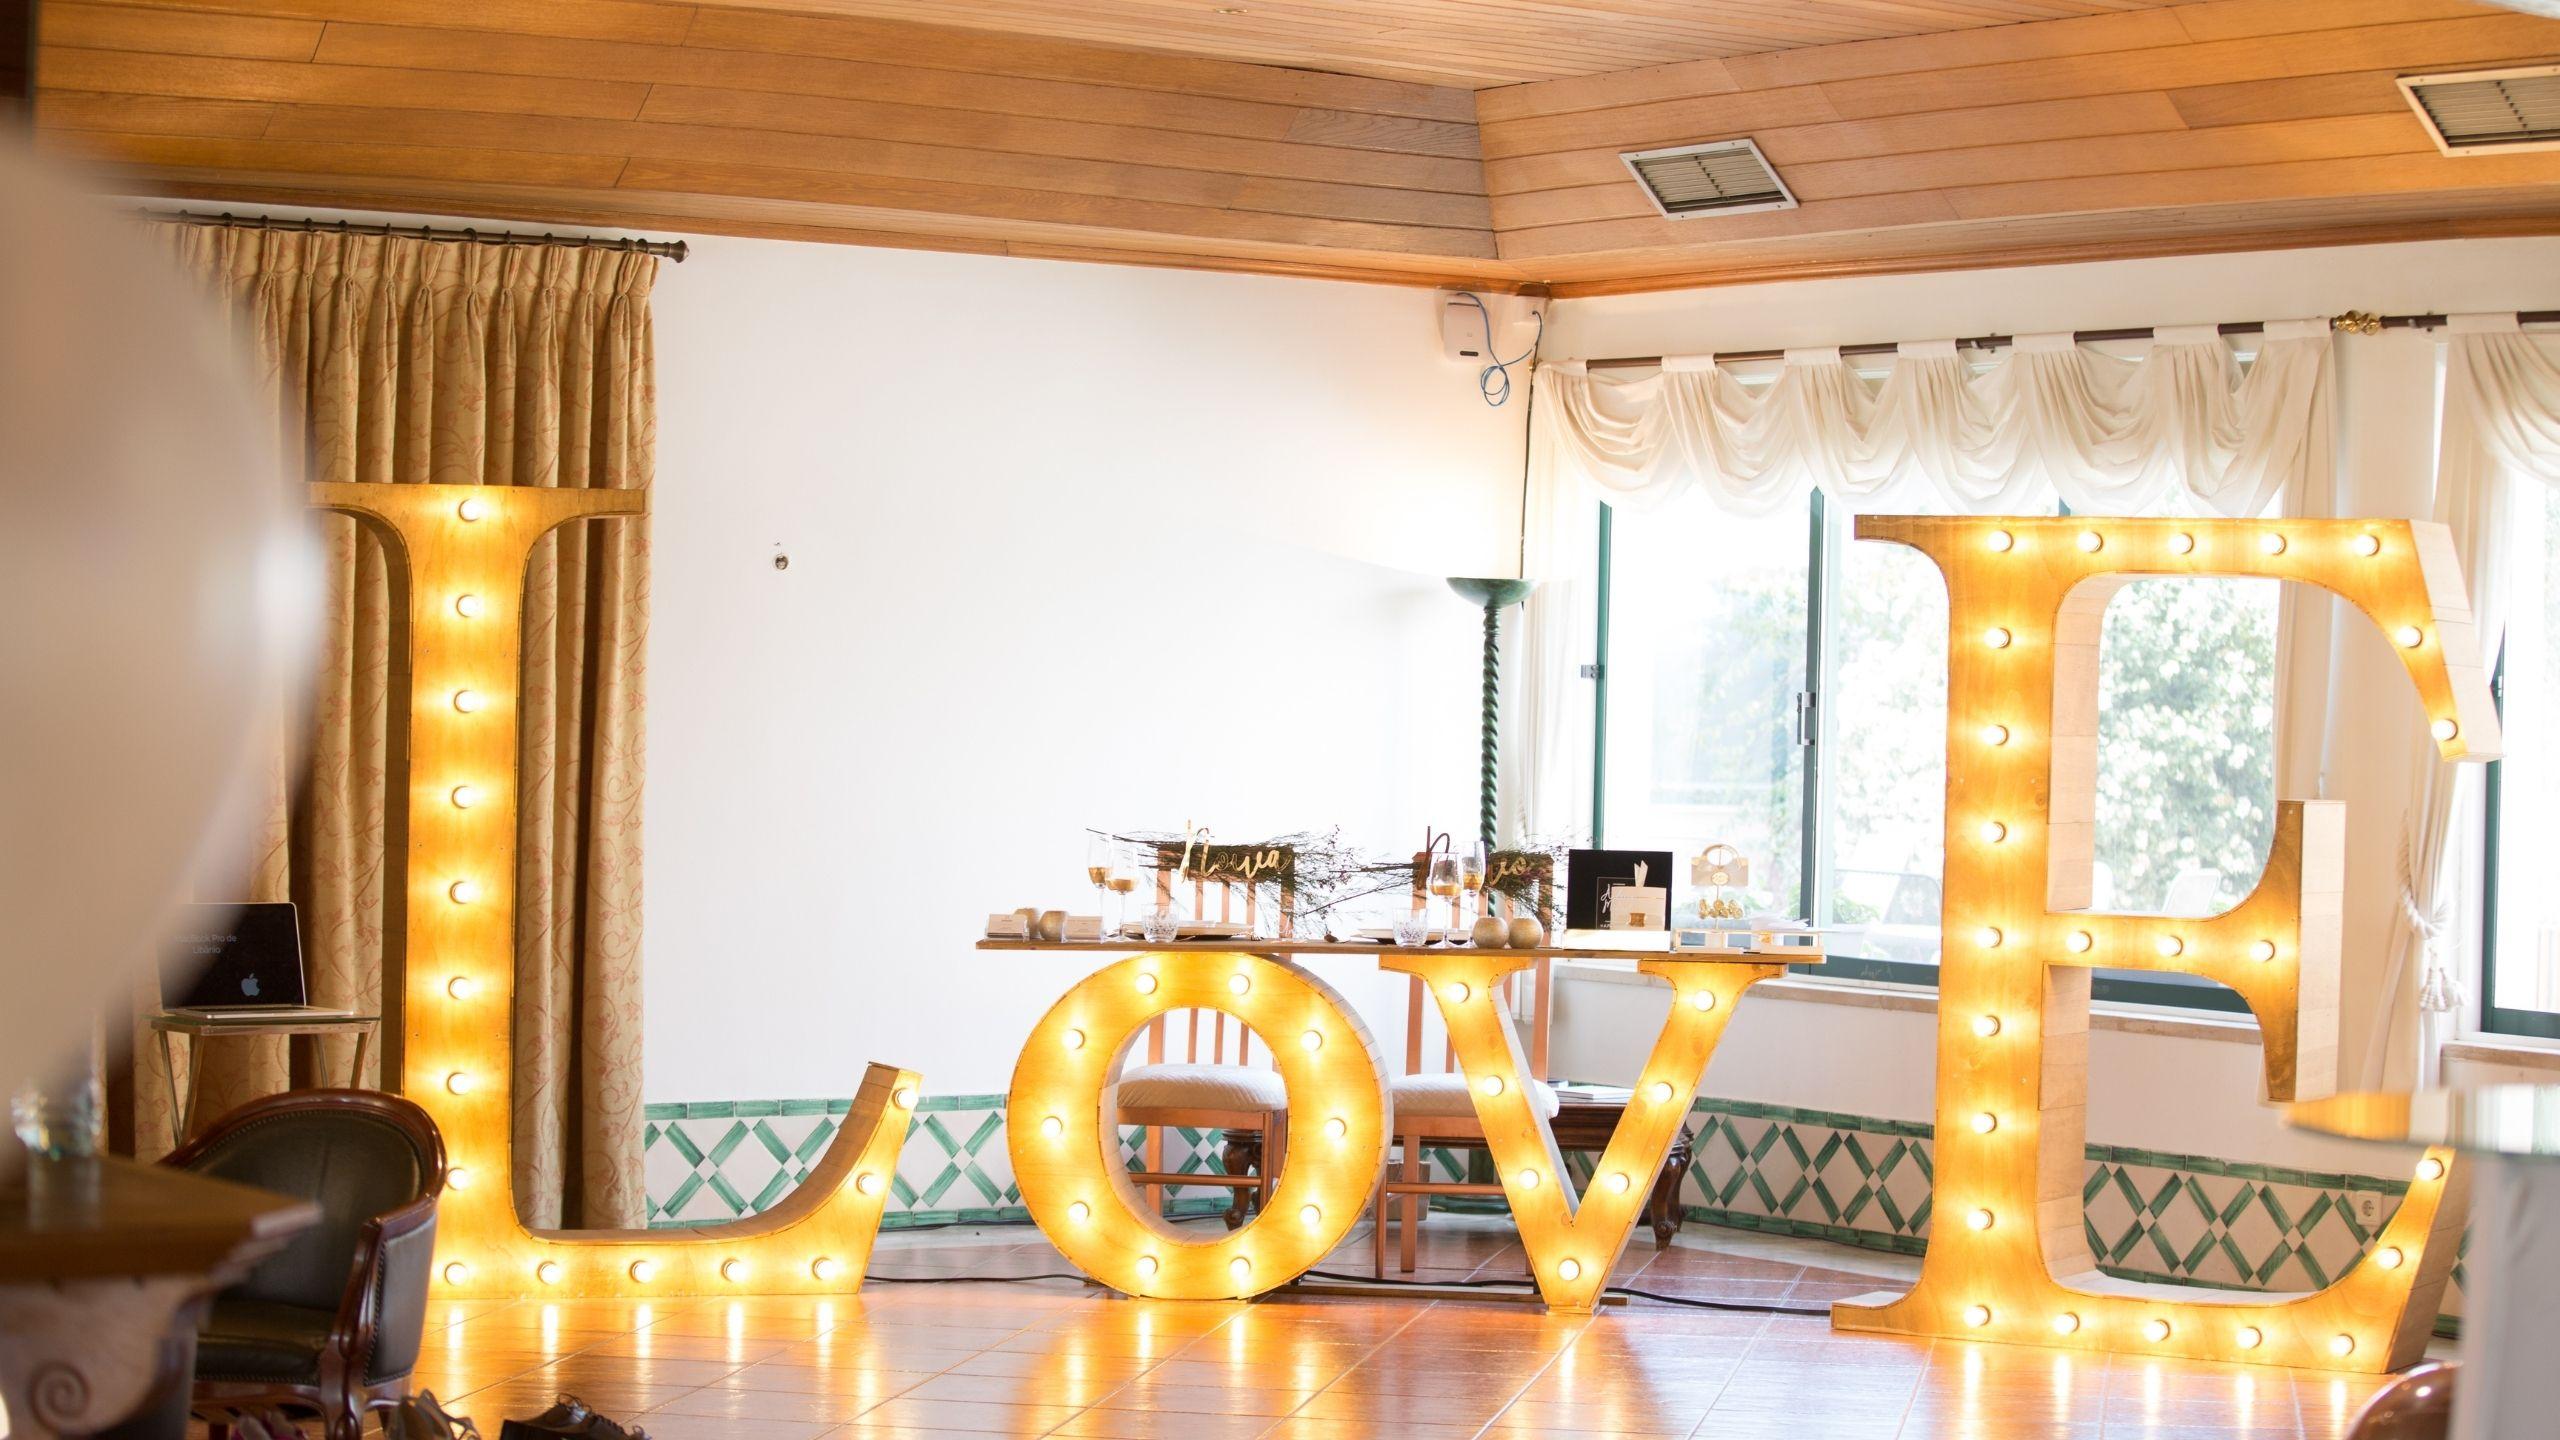 Letras LOVE numa sala de eventos